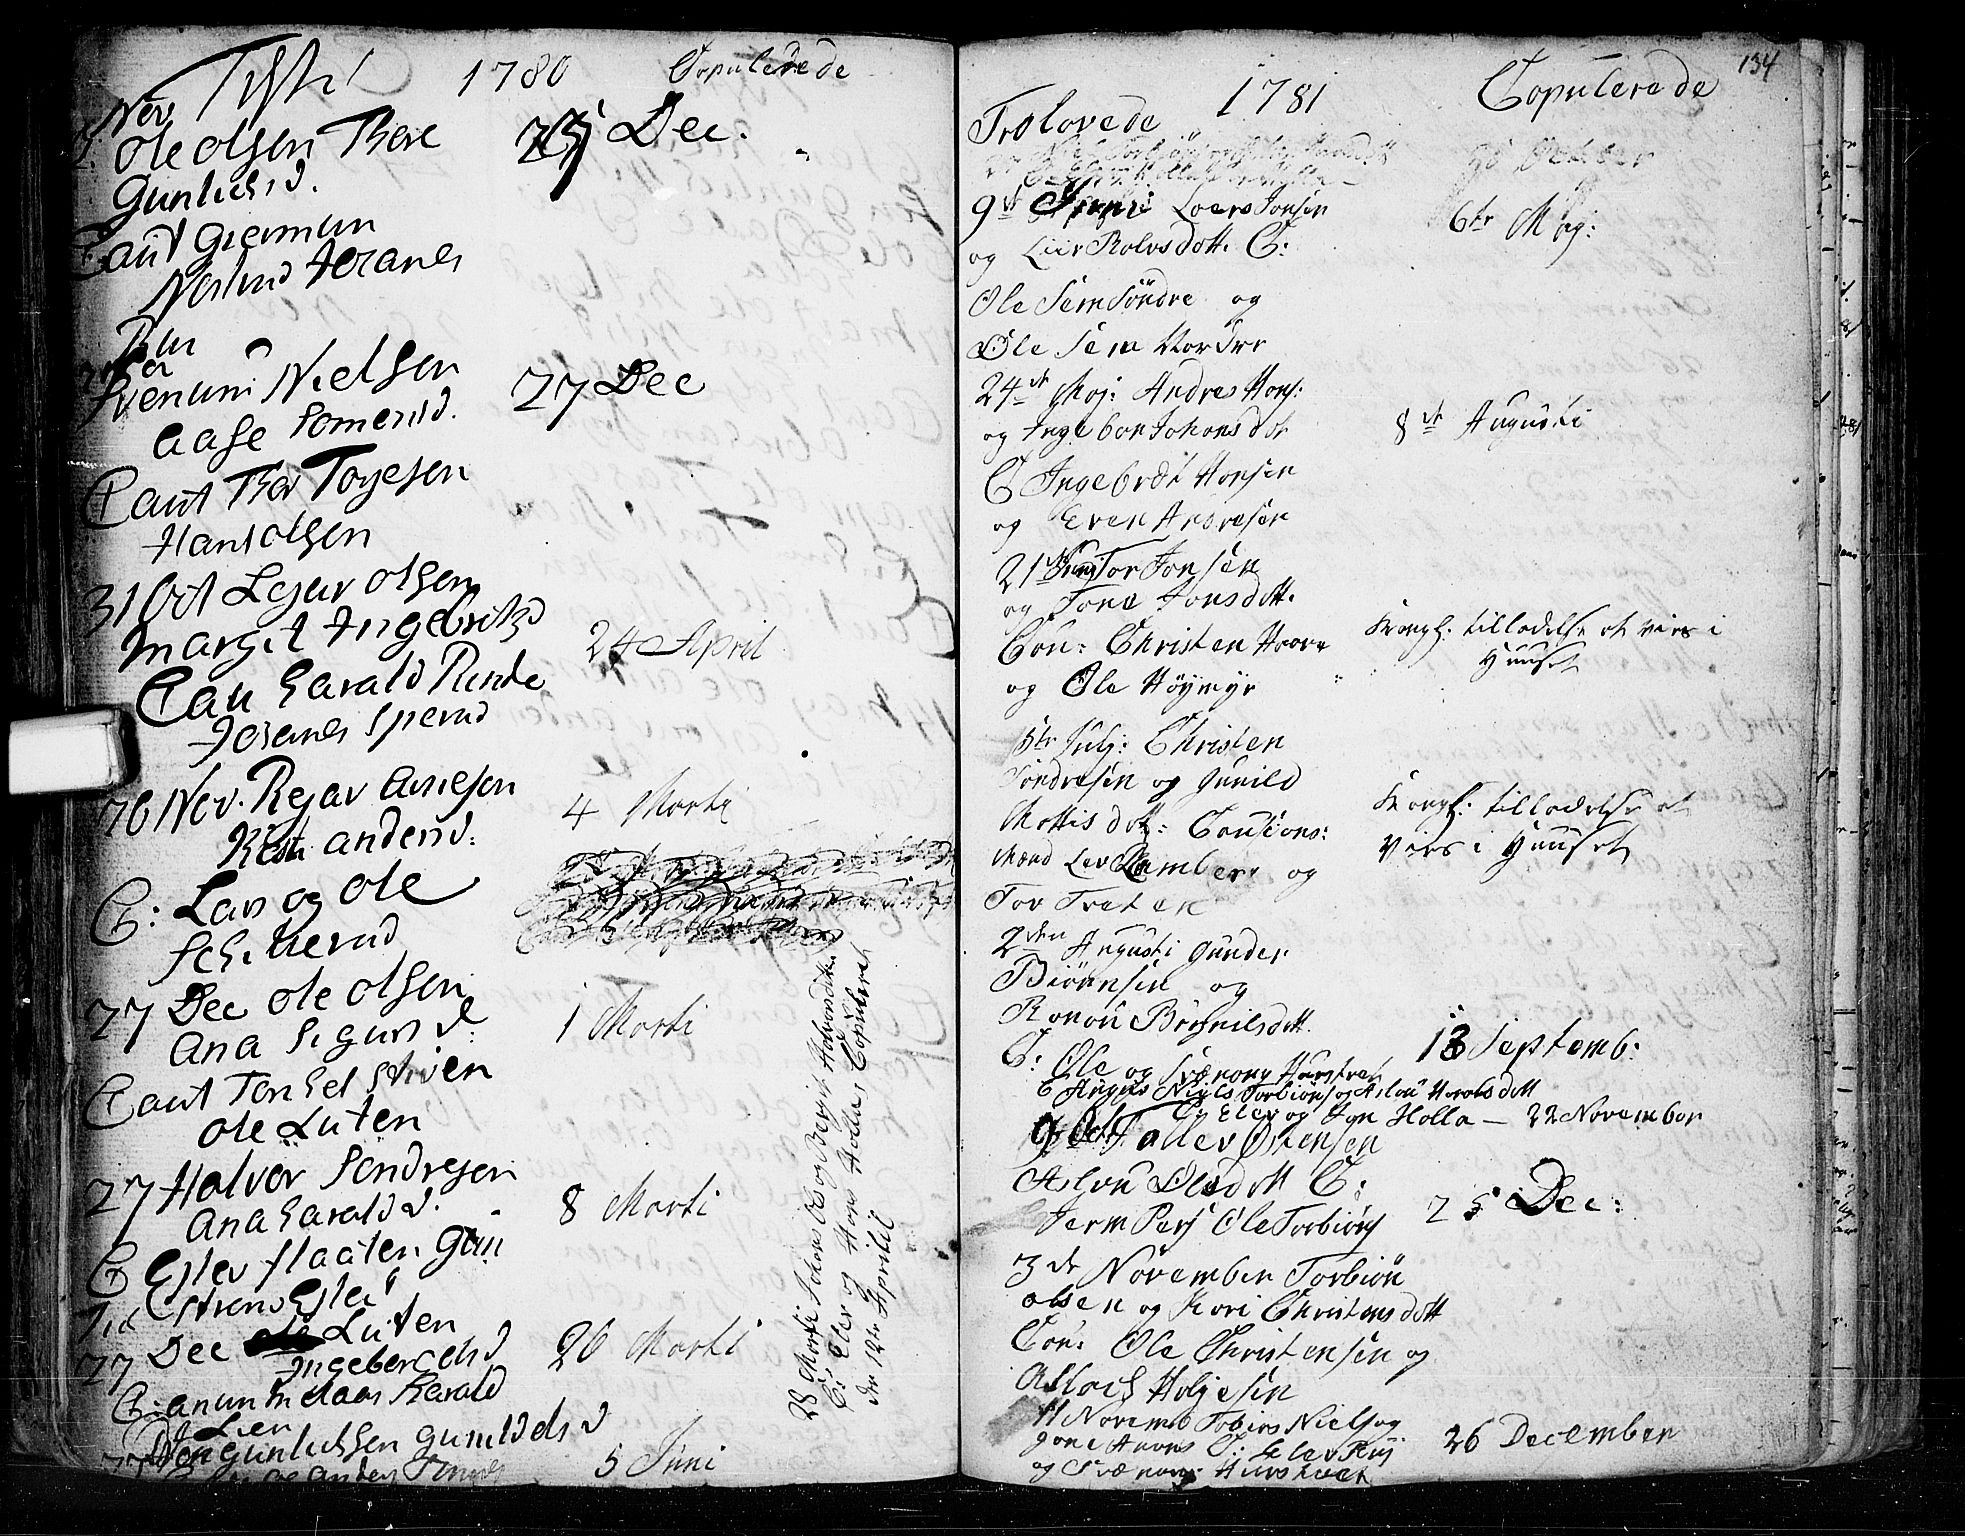 SAKO, Heddal kirkebøker, F/Fa/L0003: Ministerialbok nr. I 3, 1723-1783, s. 134